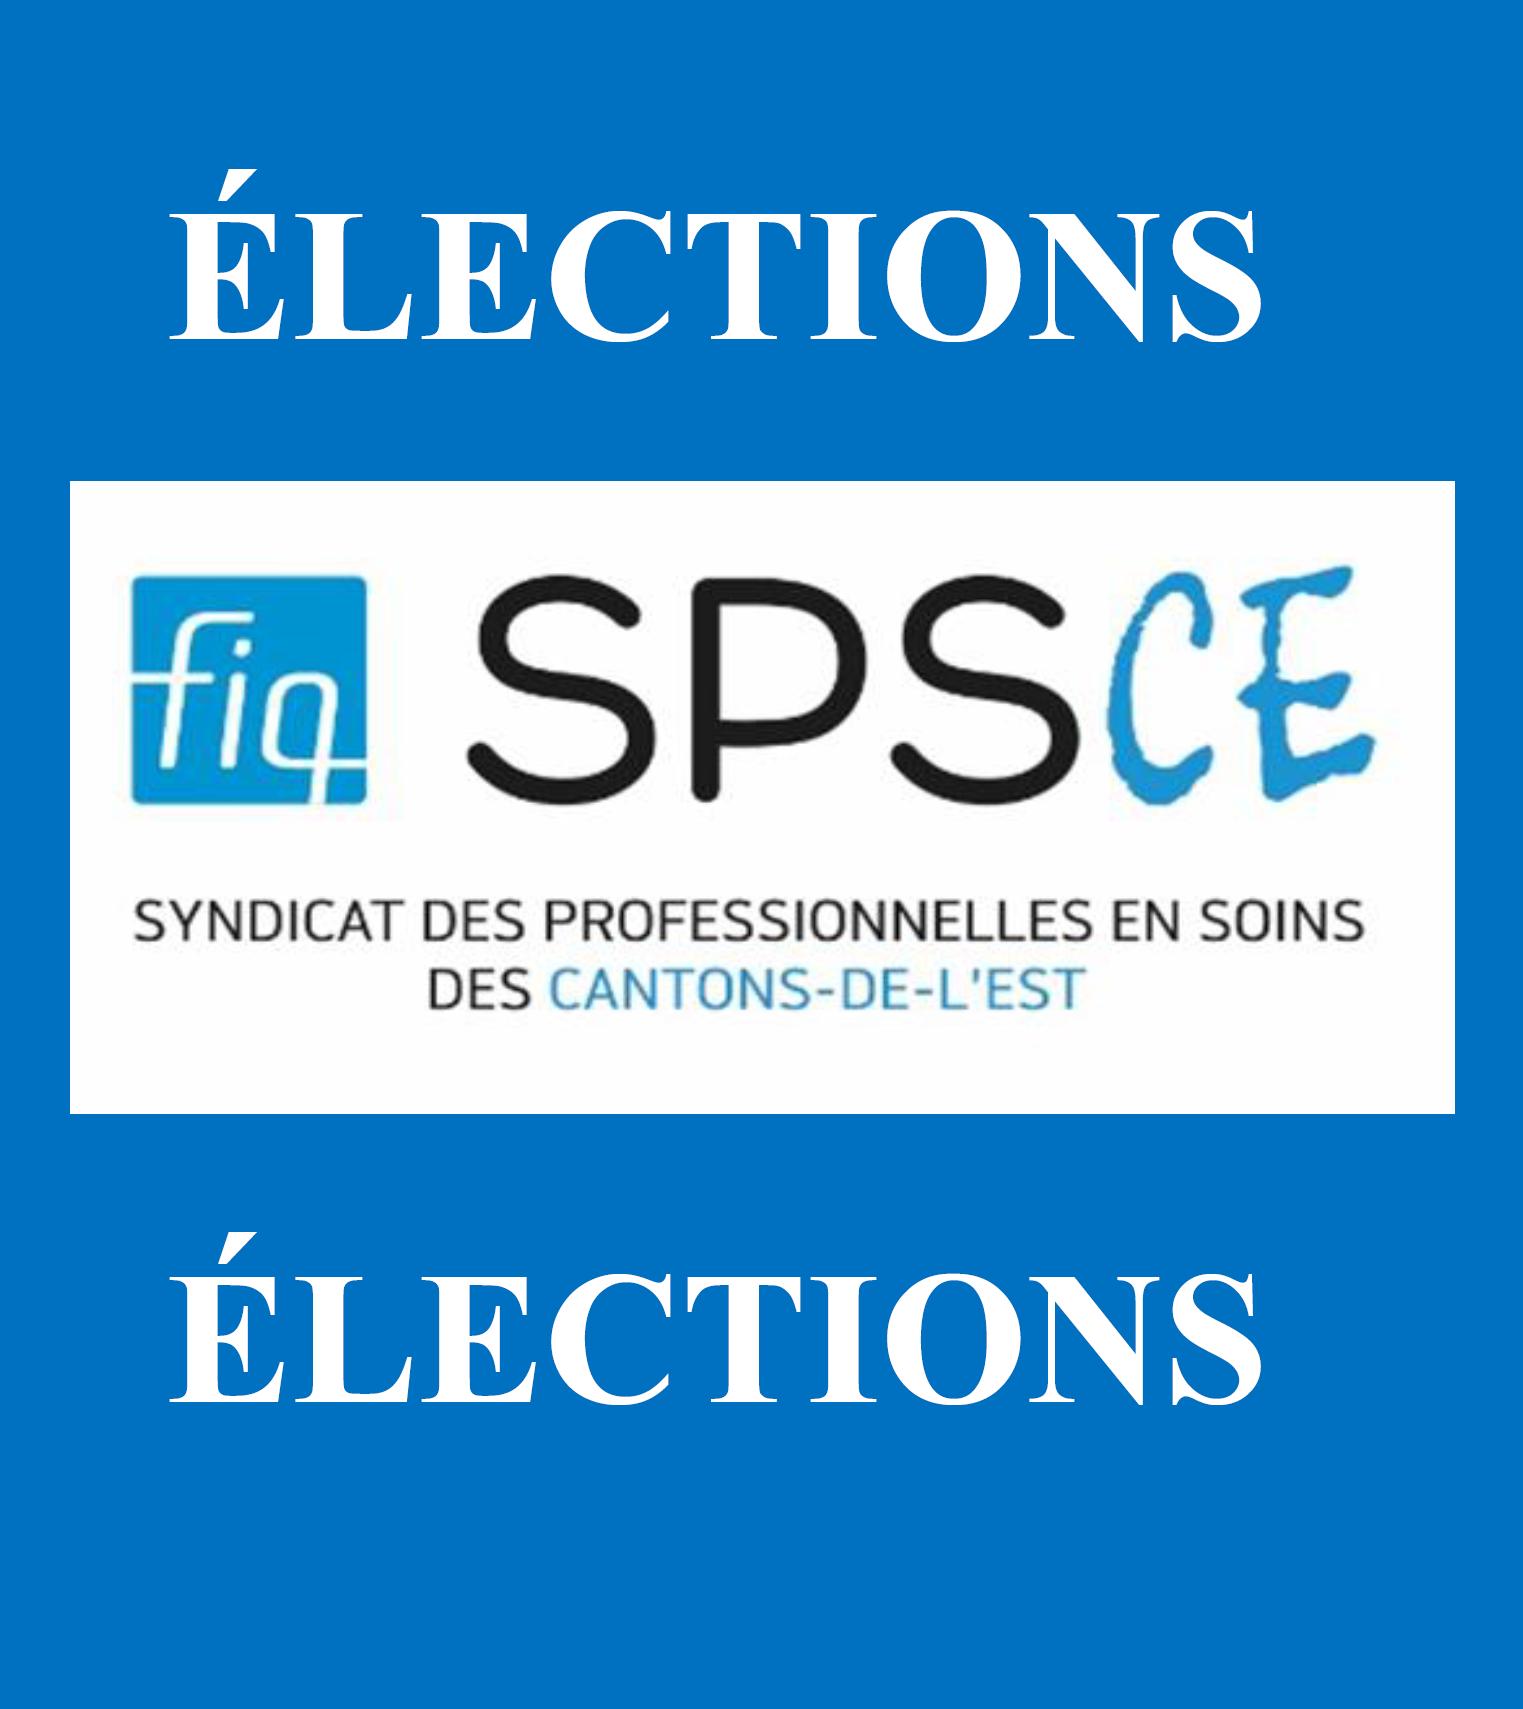 Élection FIQ-SPSCE